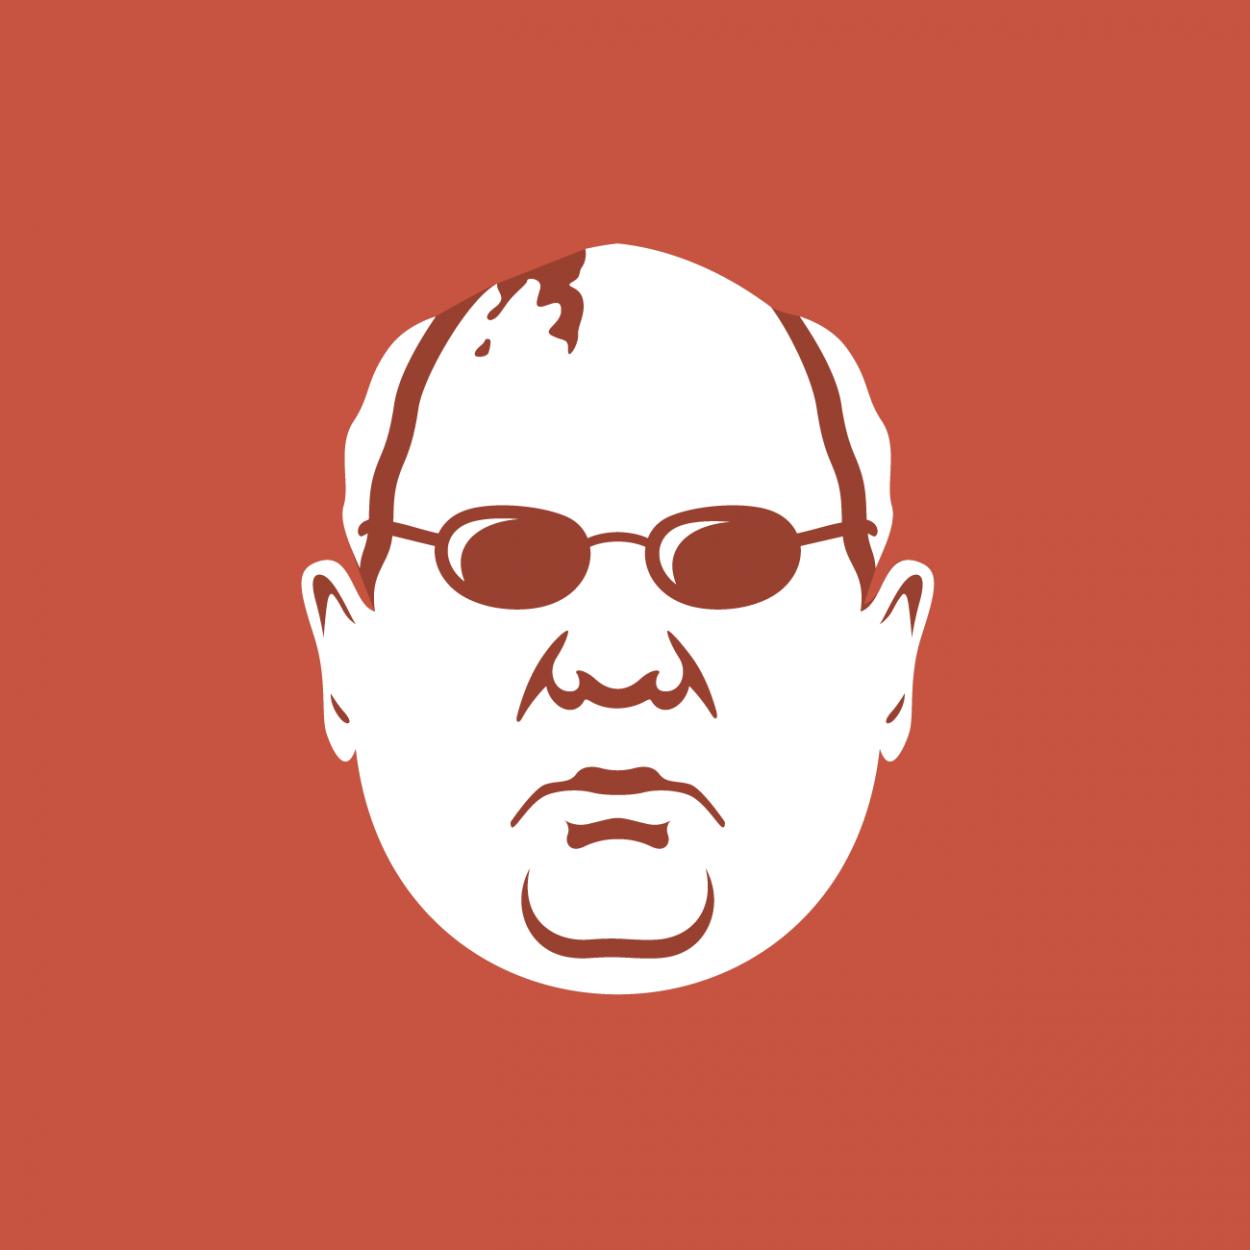 Анекдот про то, как Горбачёв сельское хозяйство спасал